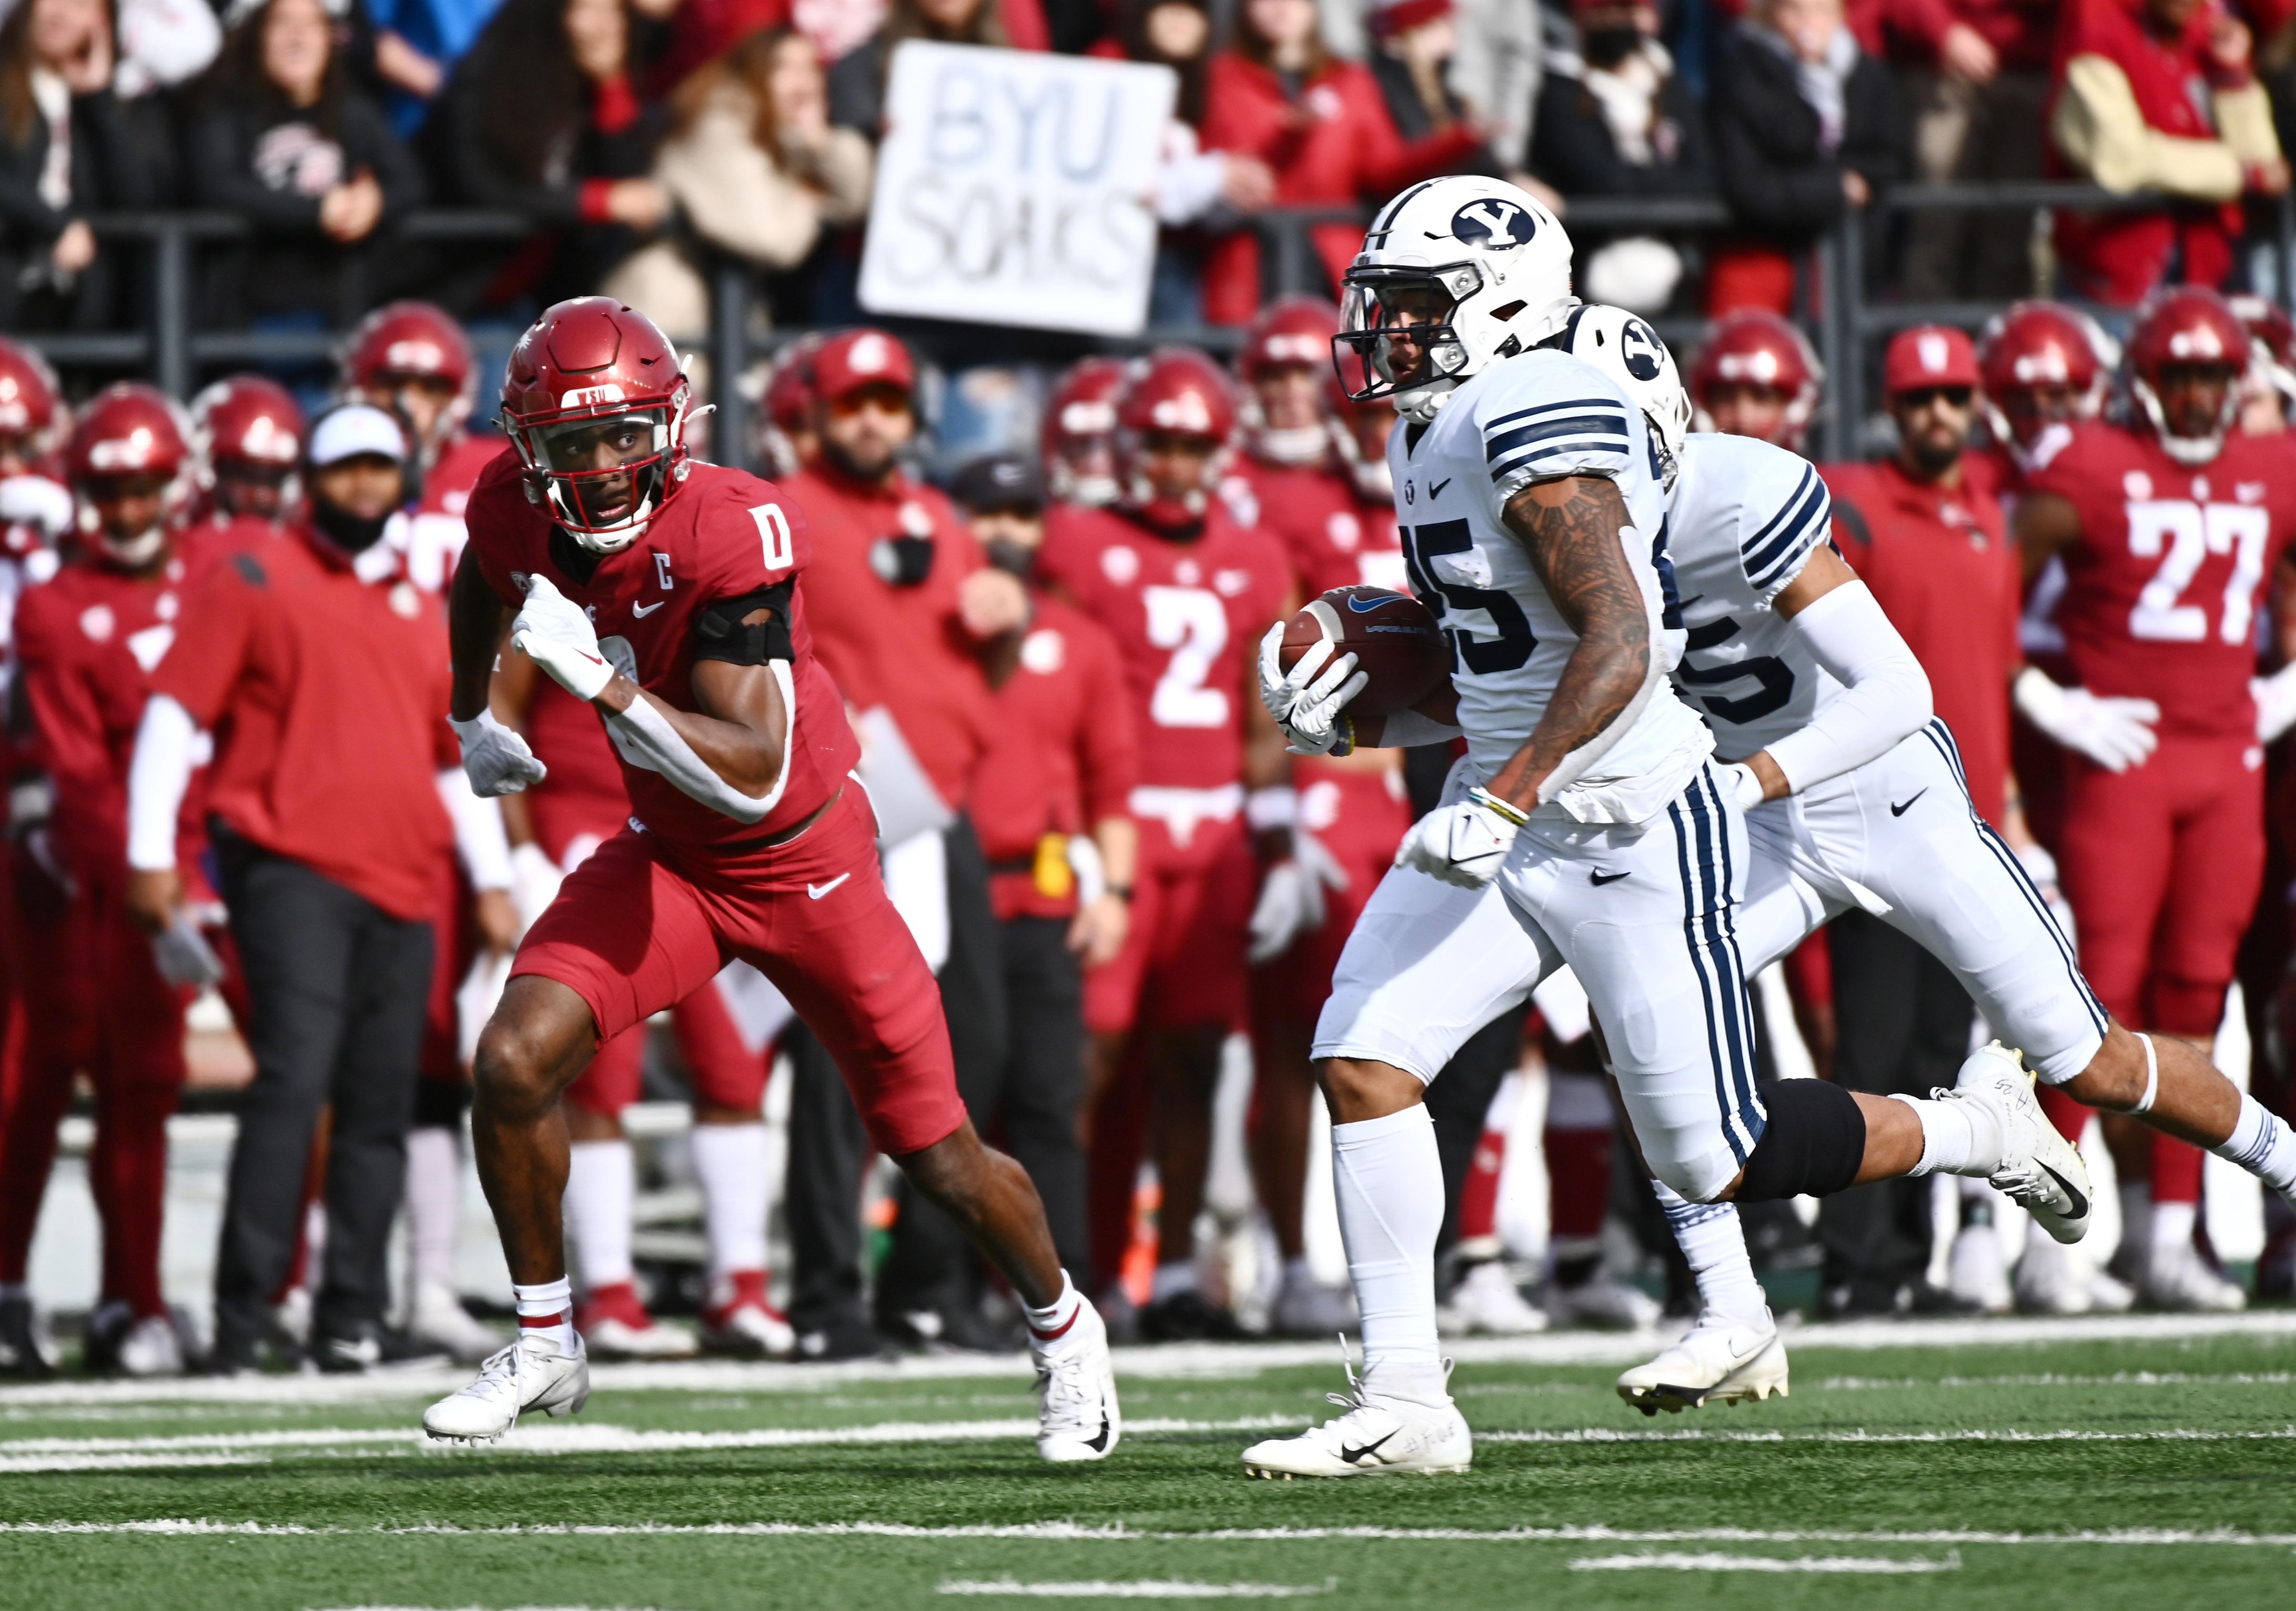 NCAA Football: Brigham Young at Washington State